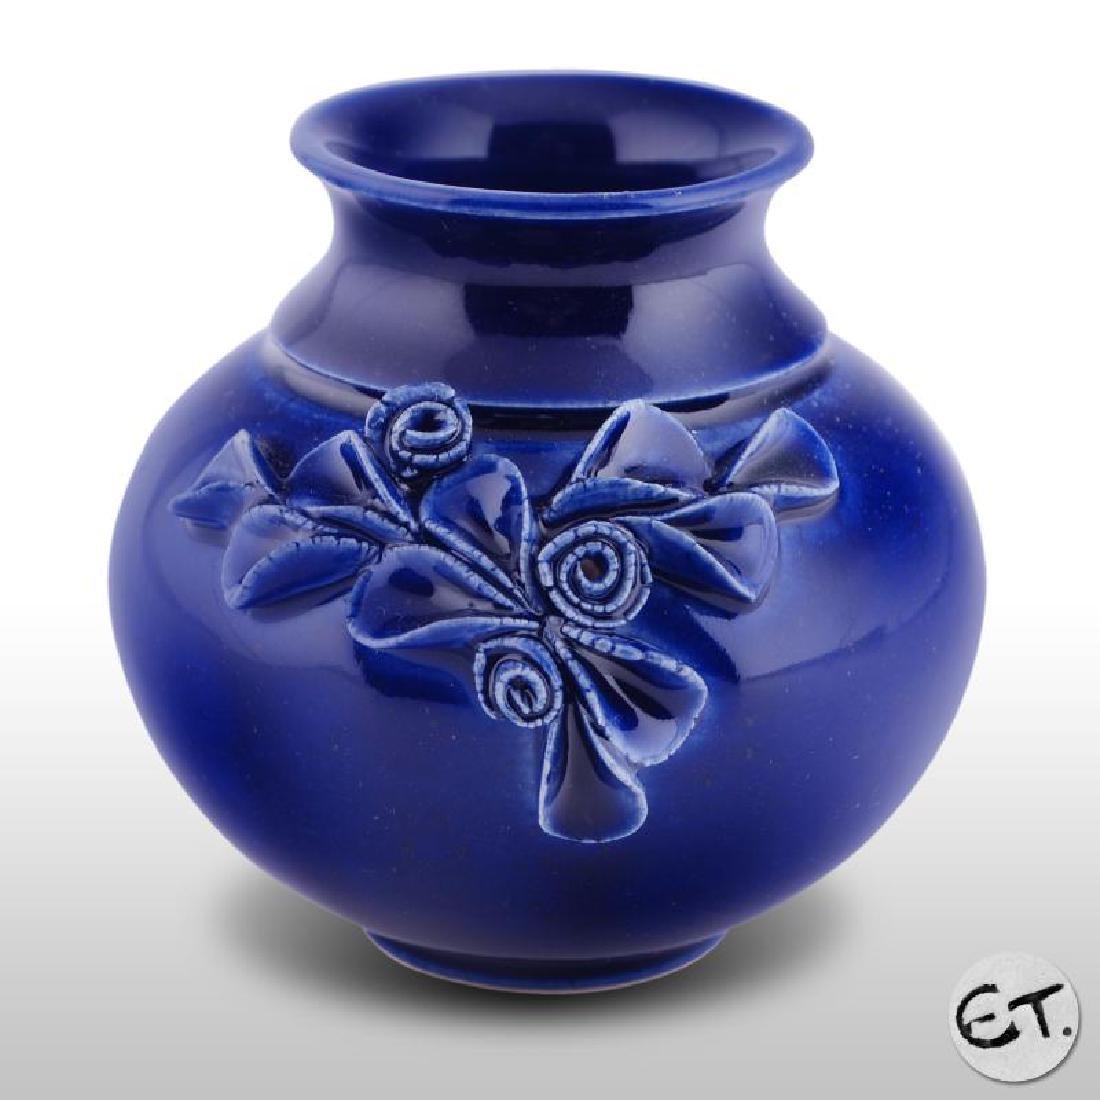 Hand Made Ceramic by Tamosiunas, Eugenijus